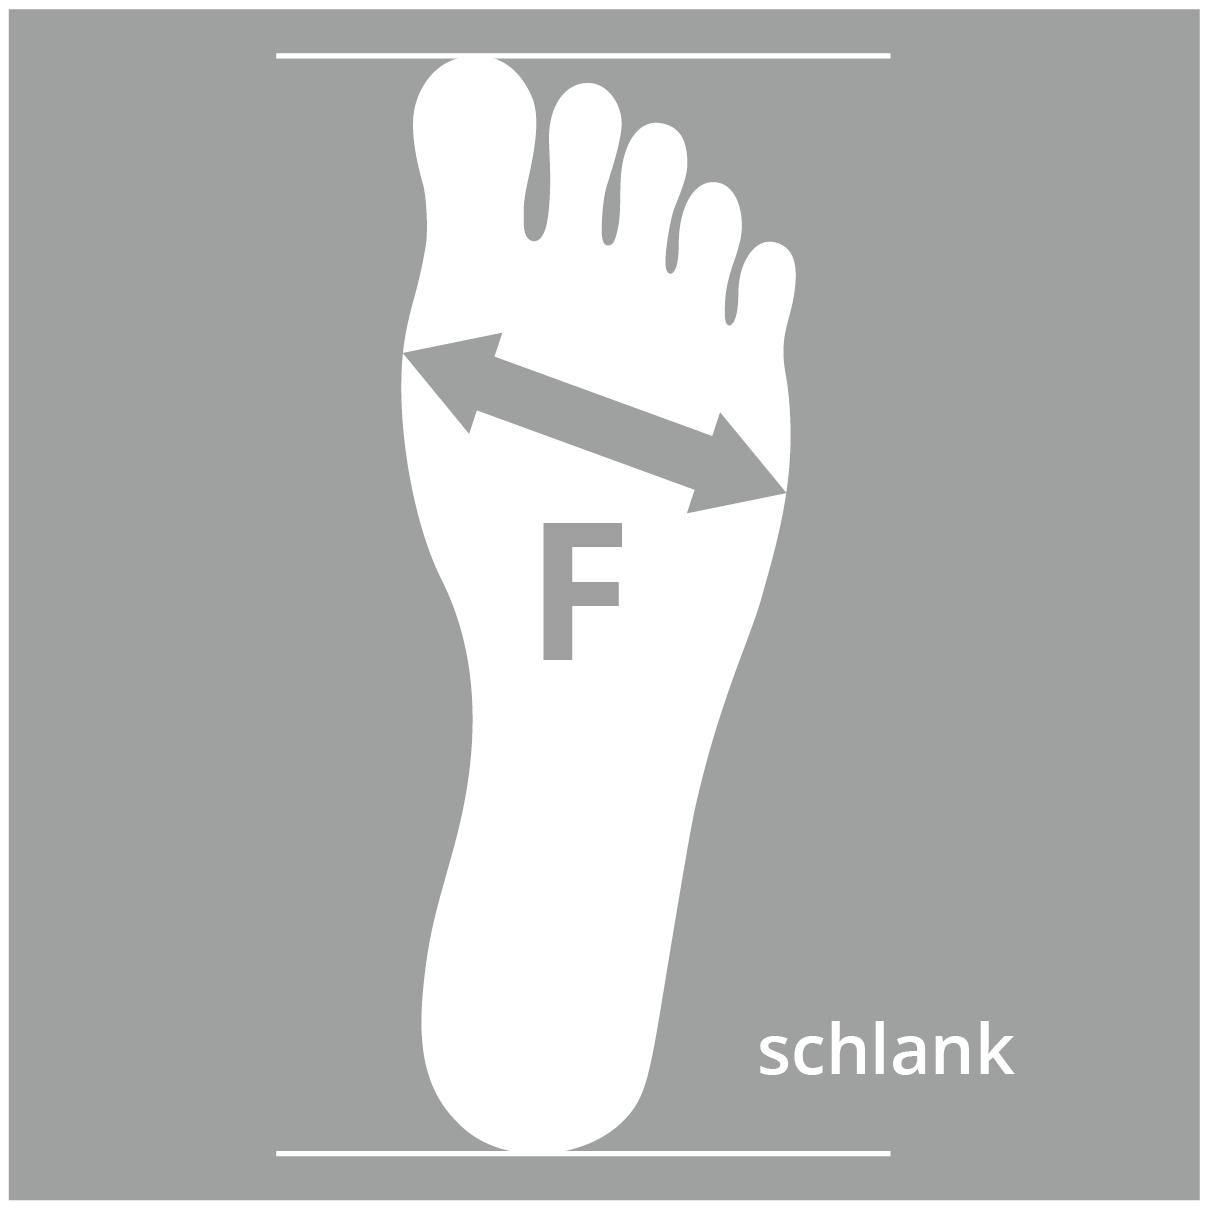 new style d76e9 871ac Schuhweiten F, G, H für Frauenfüße richtig messen ...